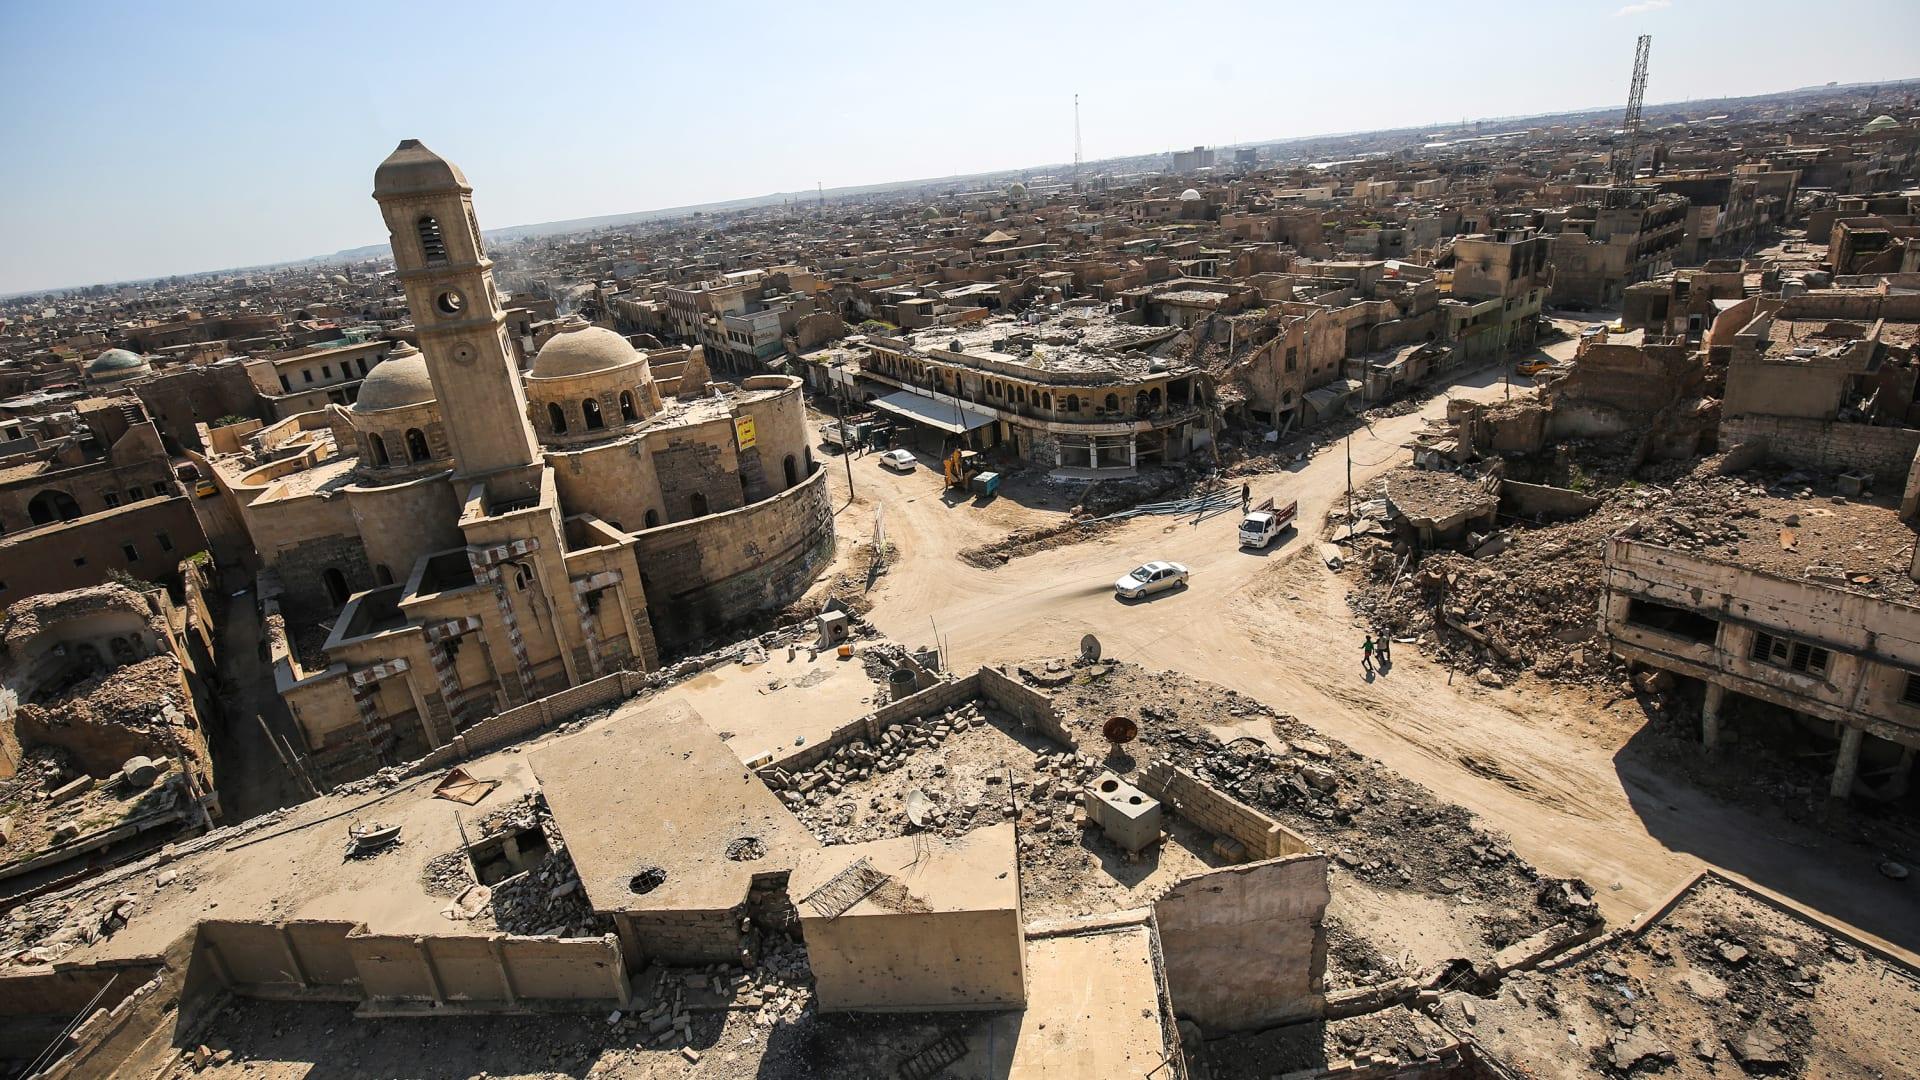 """أهم معالم مدينة موصل العراقية تعود للحياة بمشروع """"موصل الفن والحياة""""..كيف؟"""